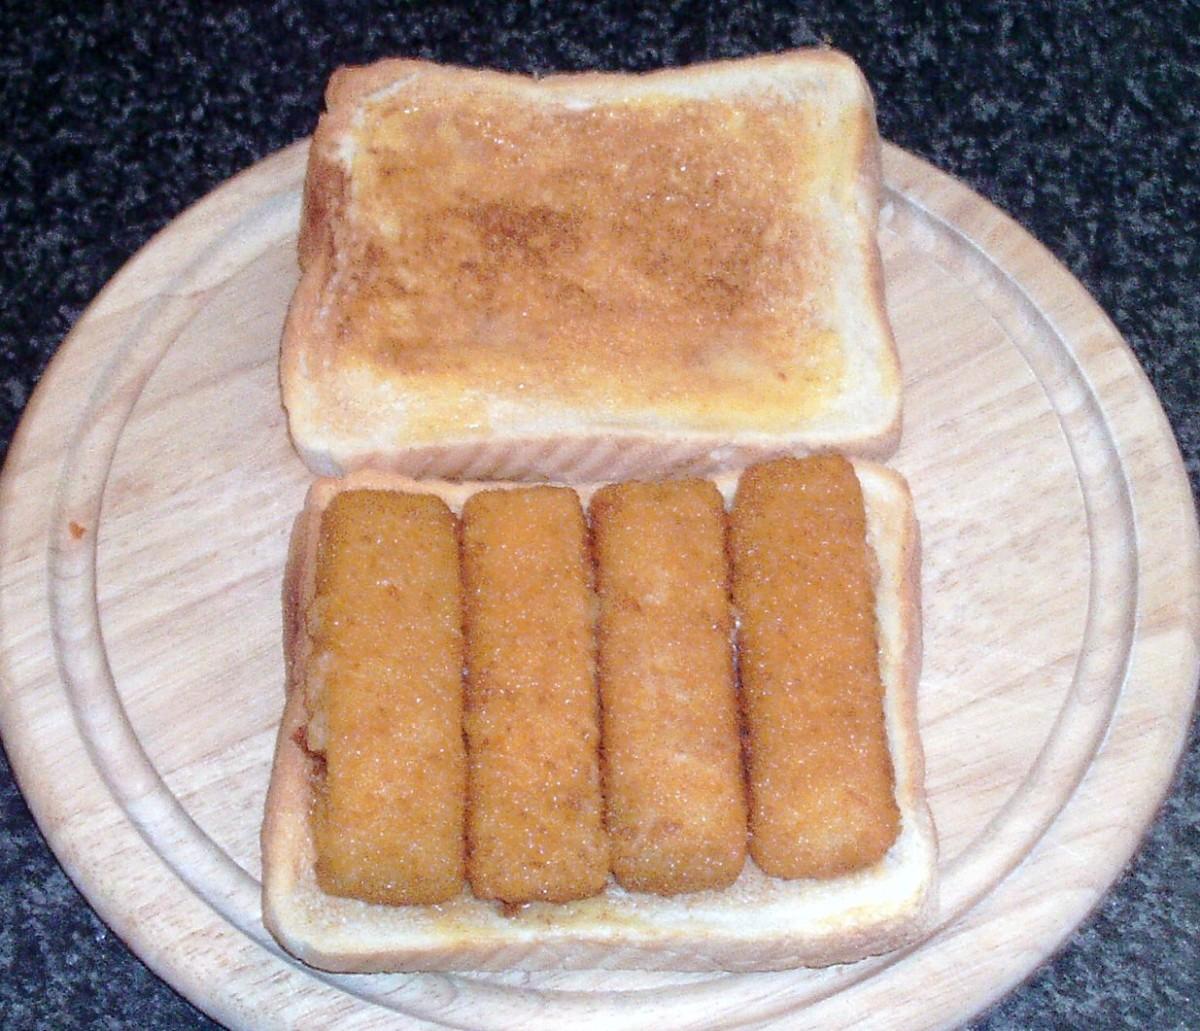 Fish fingers on toast